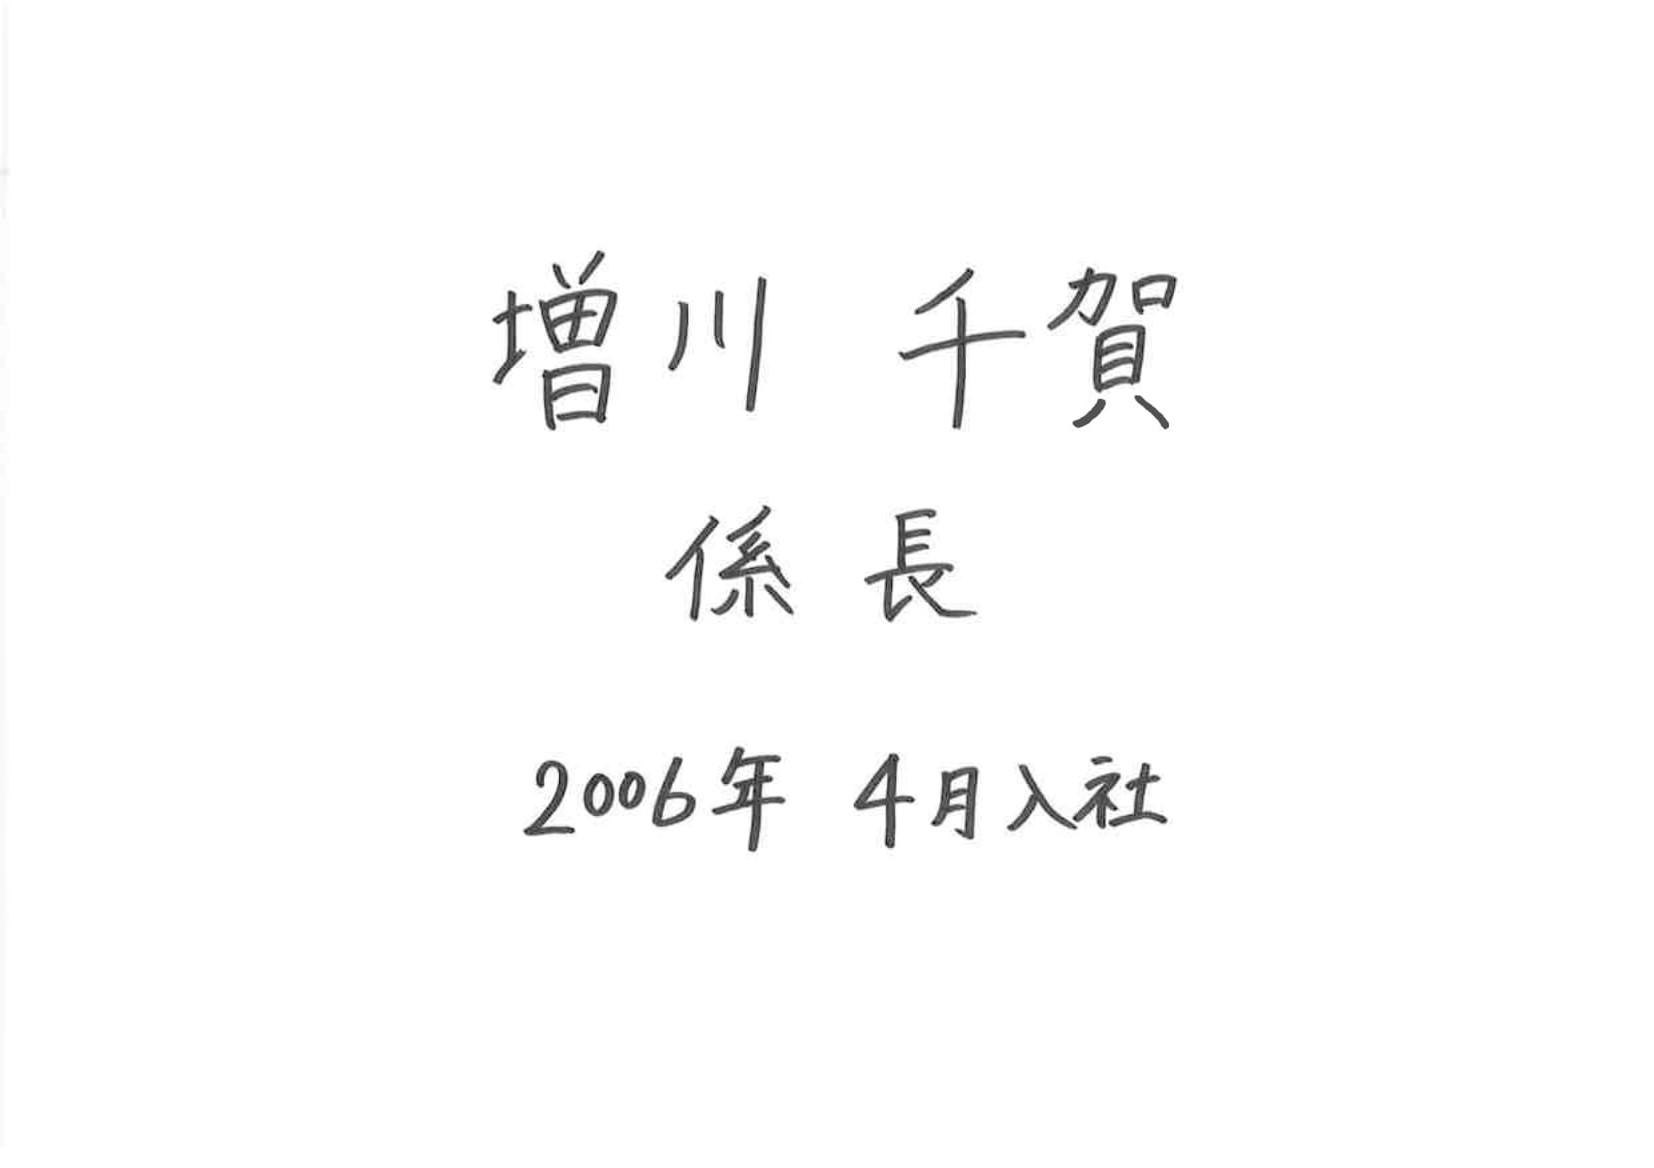 増川 千賀 管理 係長 2006年4月入社